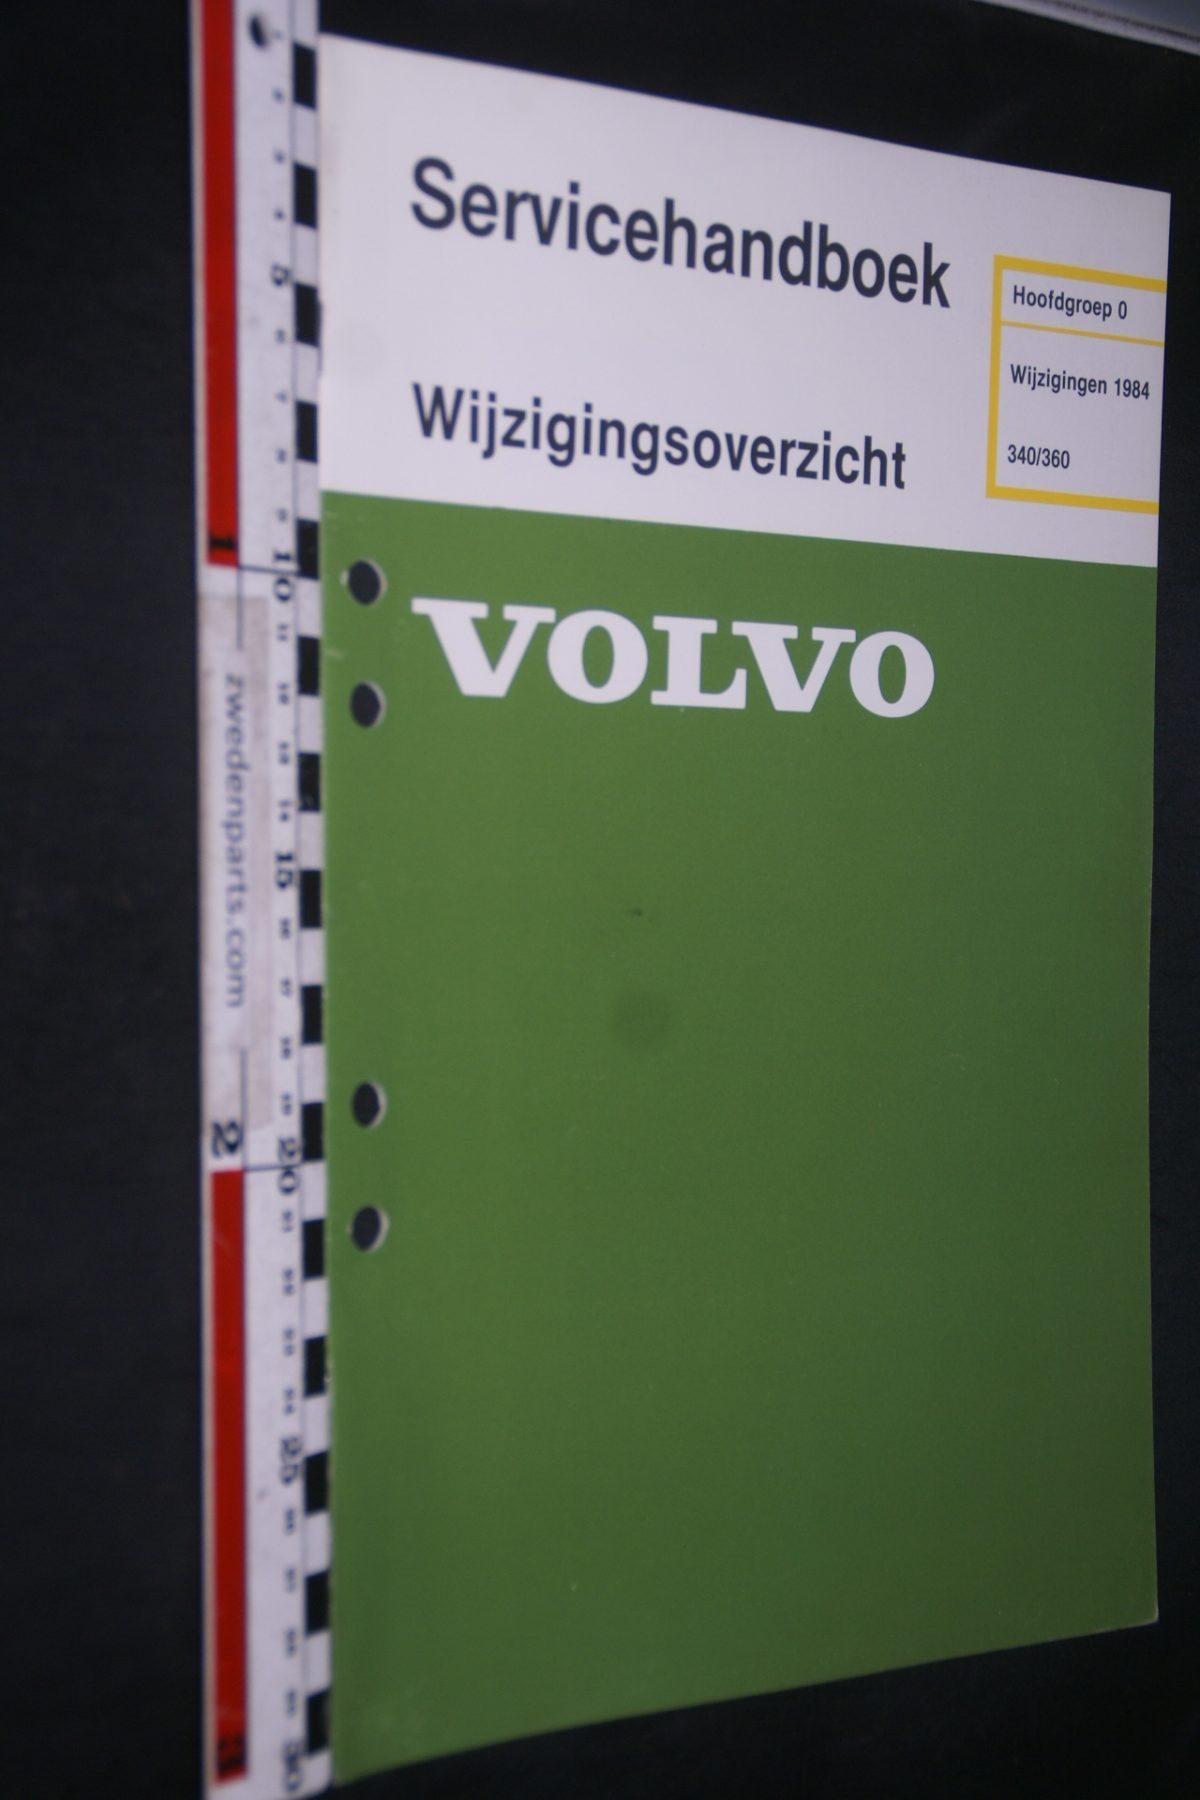 DSC06818 1983 origineel Volvo 343 servicehandboek 0 wijzigingen 1984 1 van 800 TP 35264-1